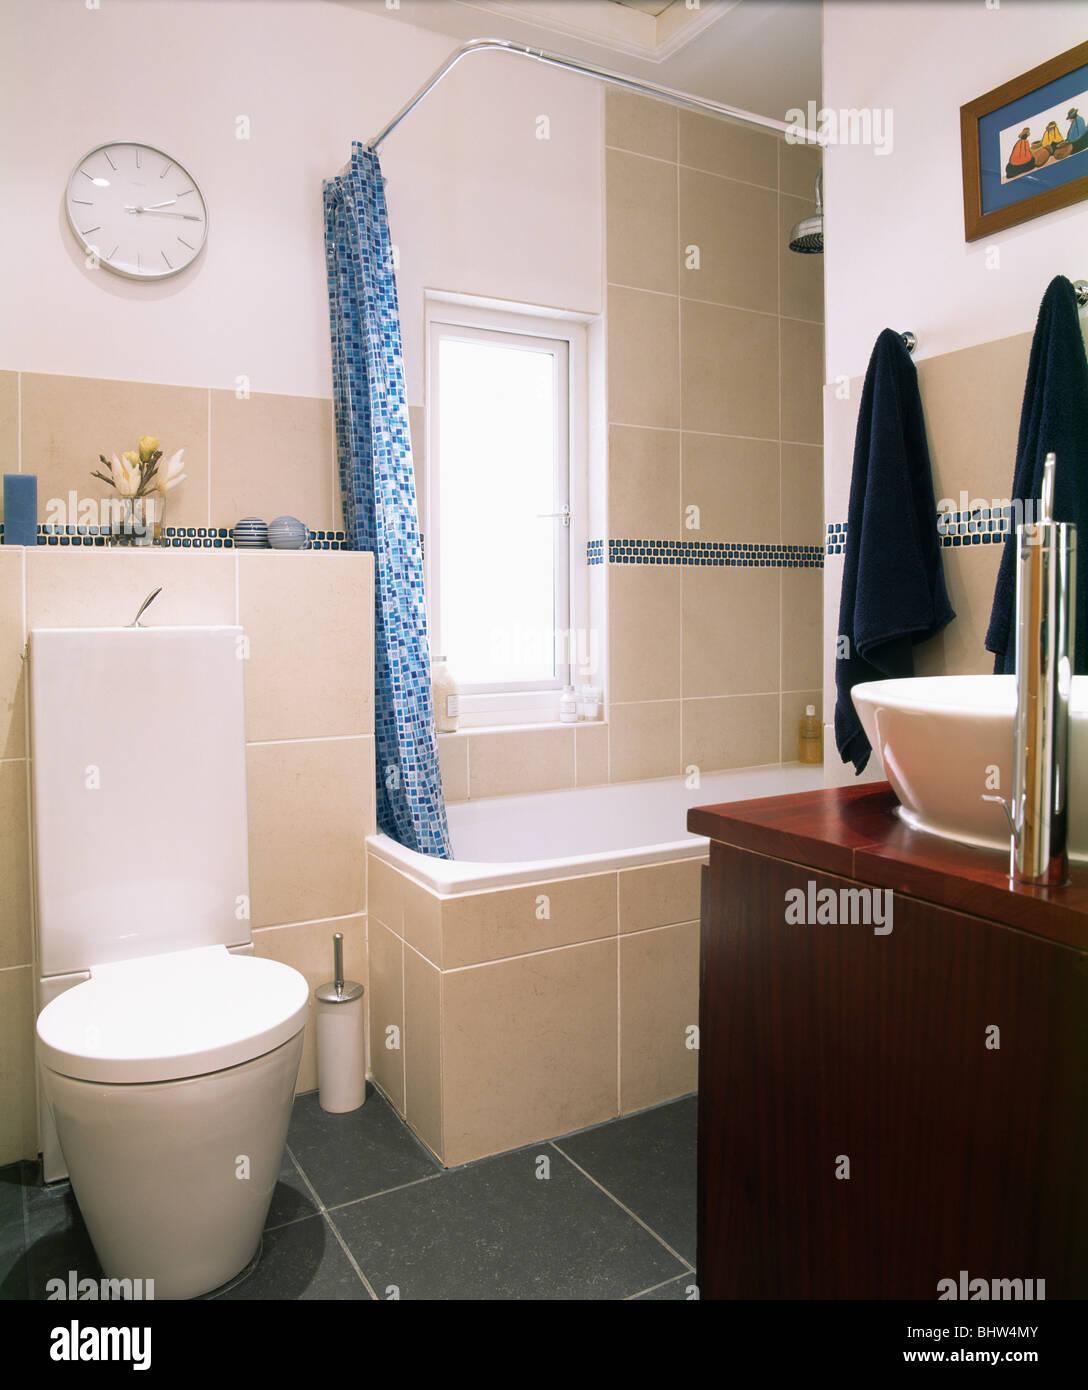 Rideau de douche bleu sur baignoire dans l\'économie moderne avec ...